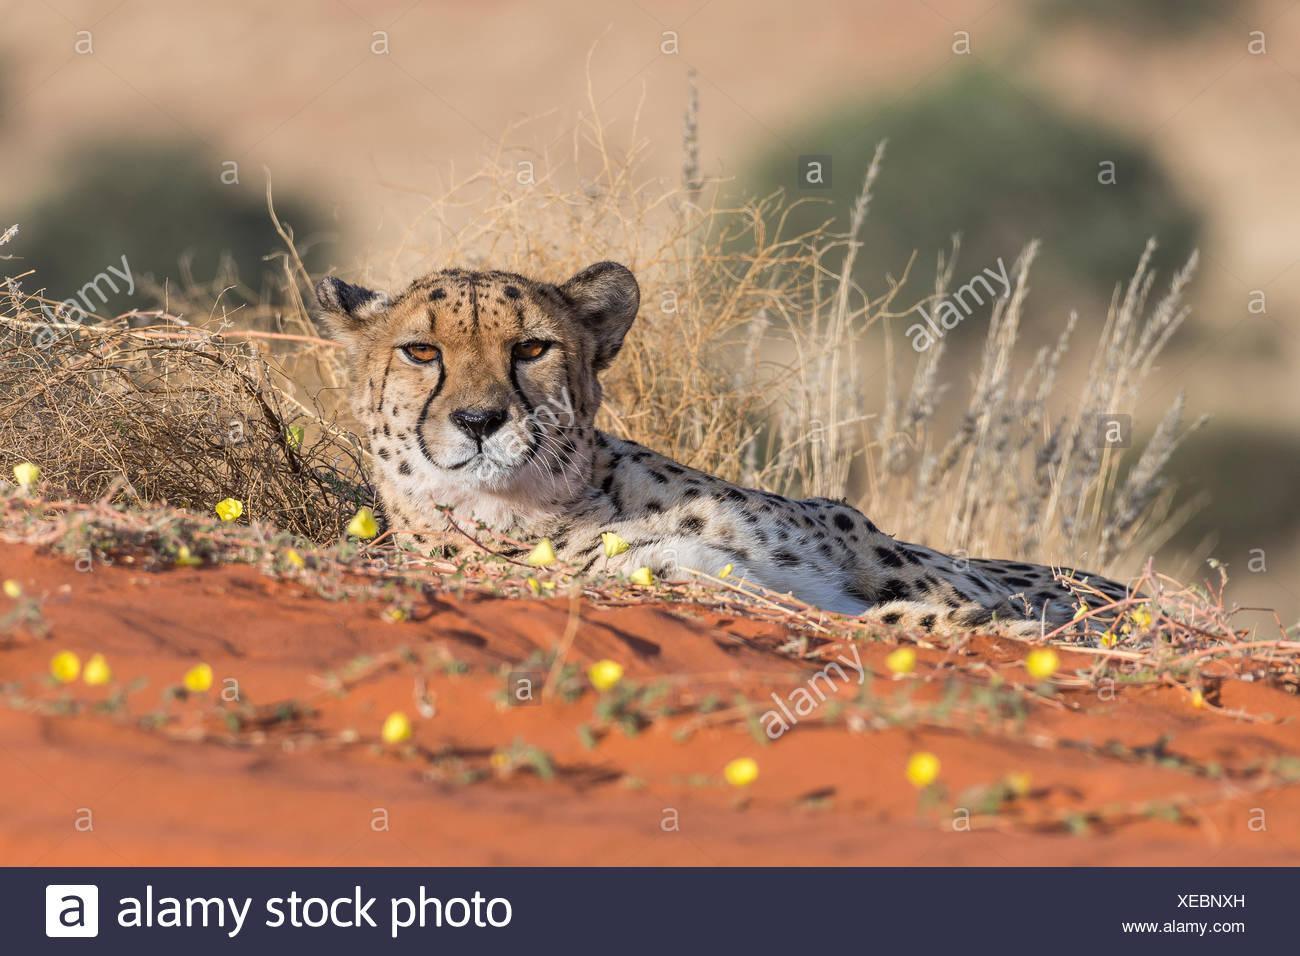 Le Guépard (Acinonyx jubatus) couché dans le sable, Désert du Kalahari, en Namibie Photo Stock